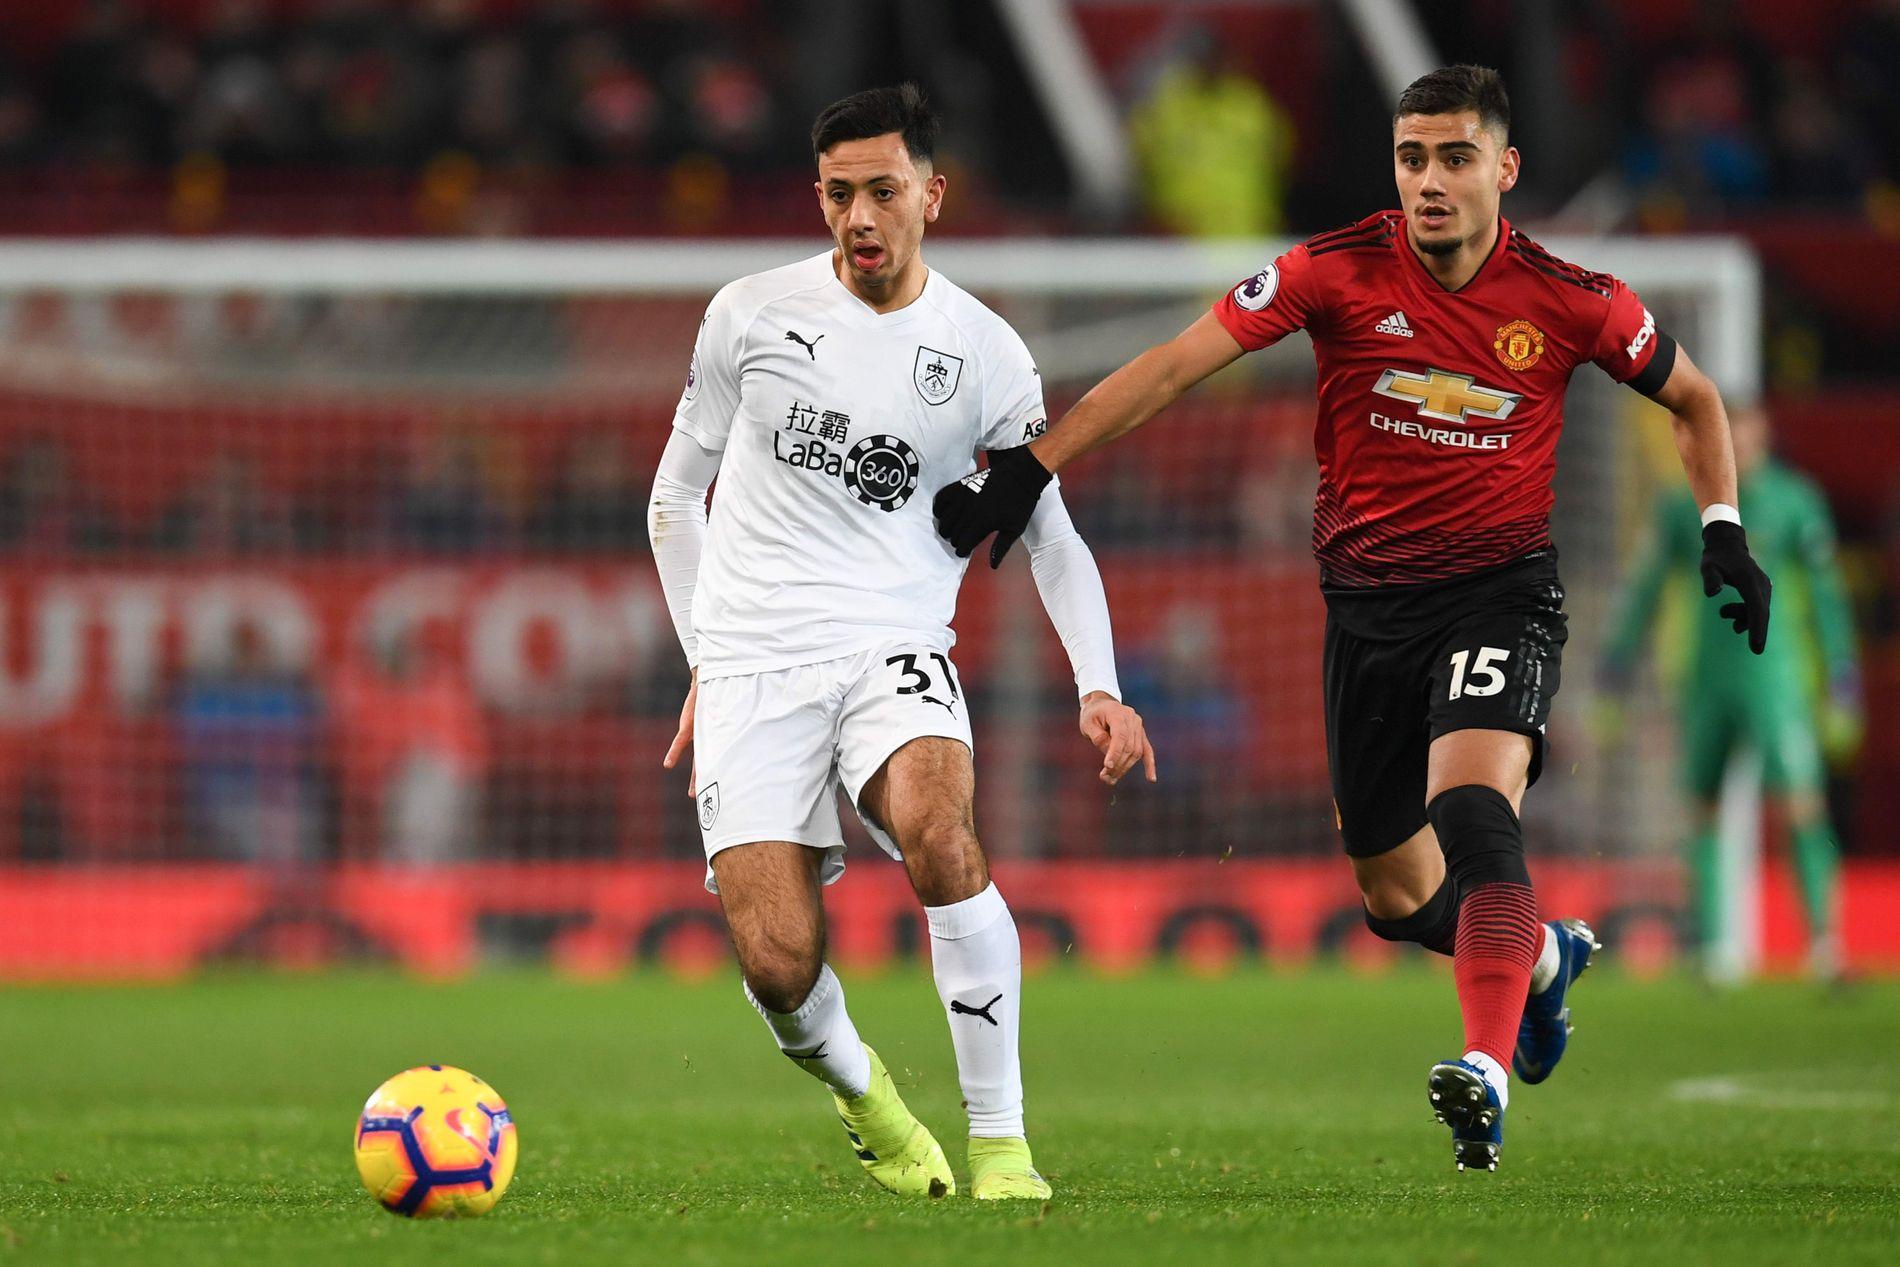 BYTTET UT: Andreas Pereira var innvolvert i Manchester Uniteds første baklengsmål og ble erstattet av Jesse Lingard i det 62. minutt.